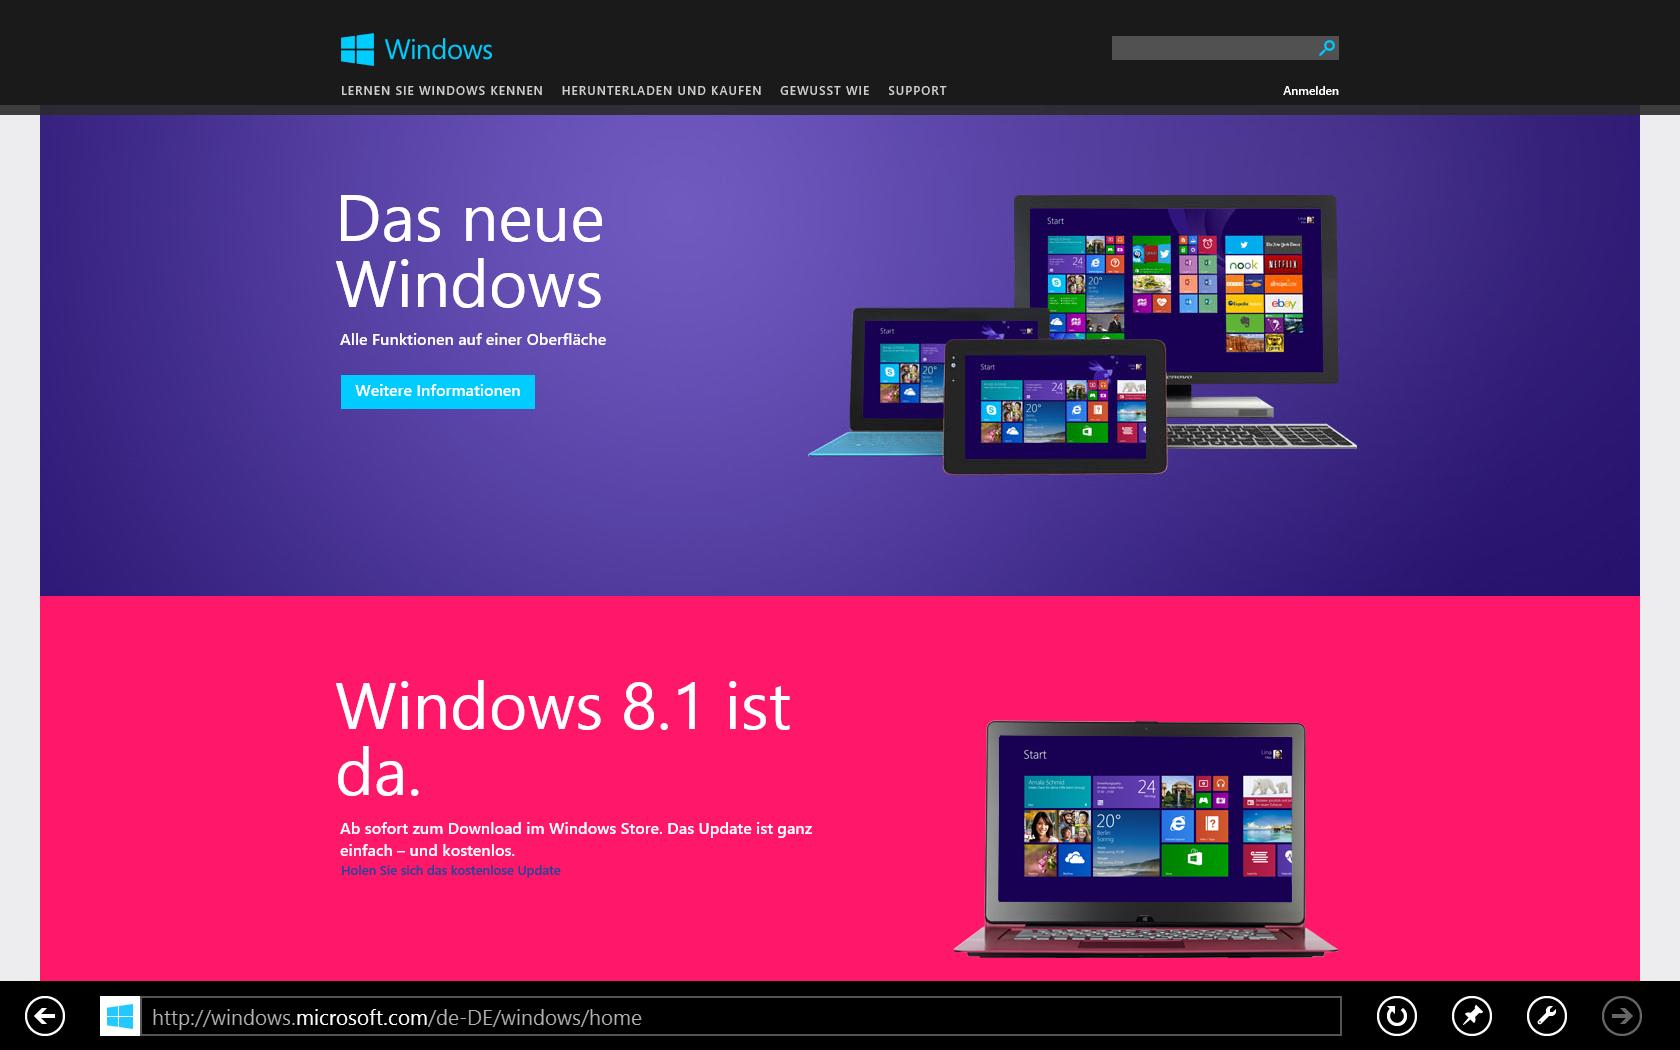 Windows 8.1 ist da - Das Upgrade von Windows 7 im Selbstversuch ...